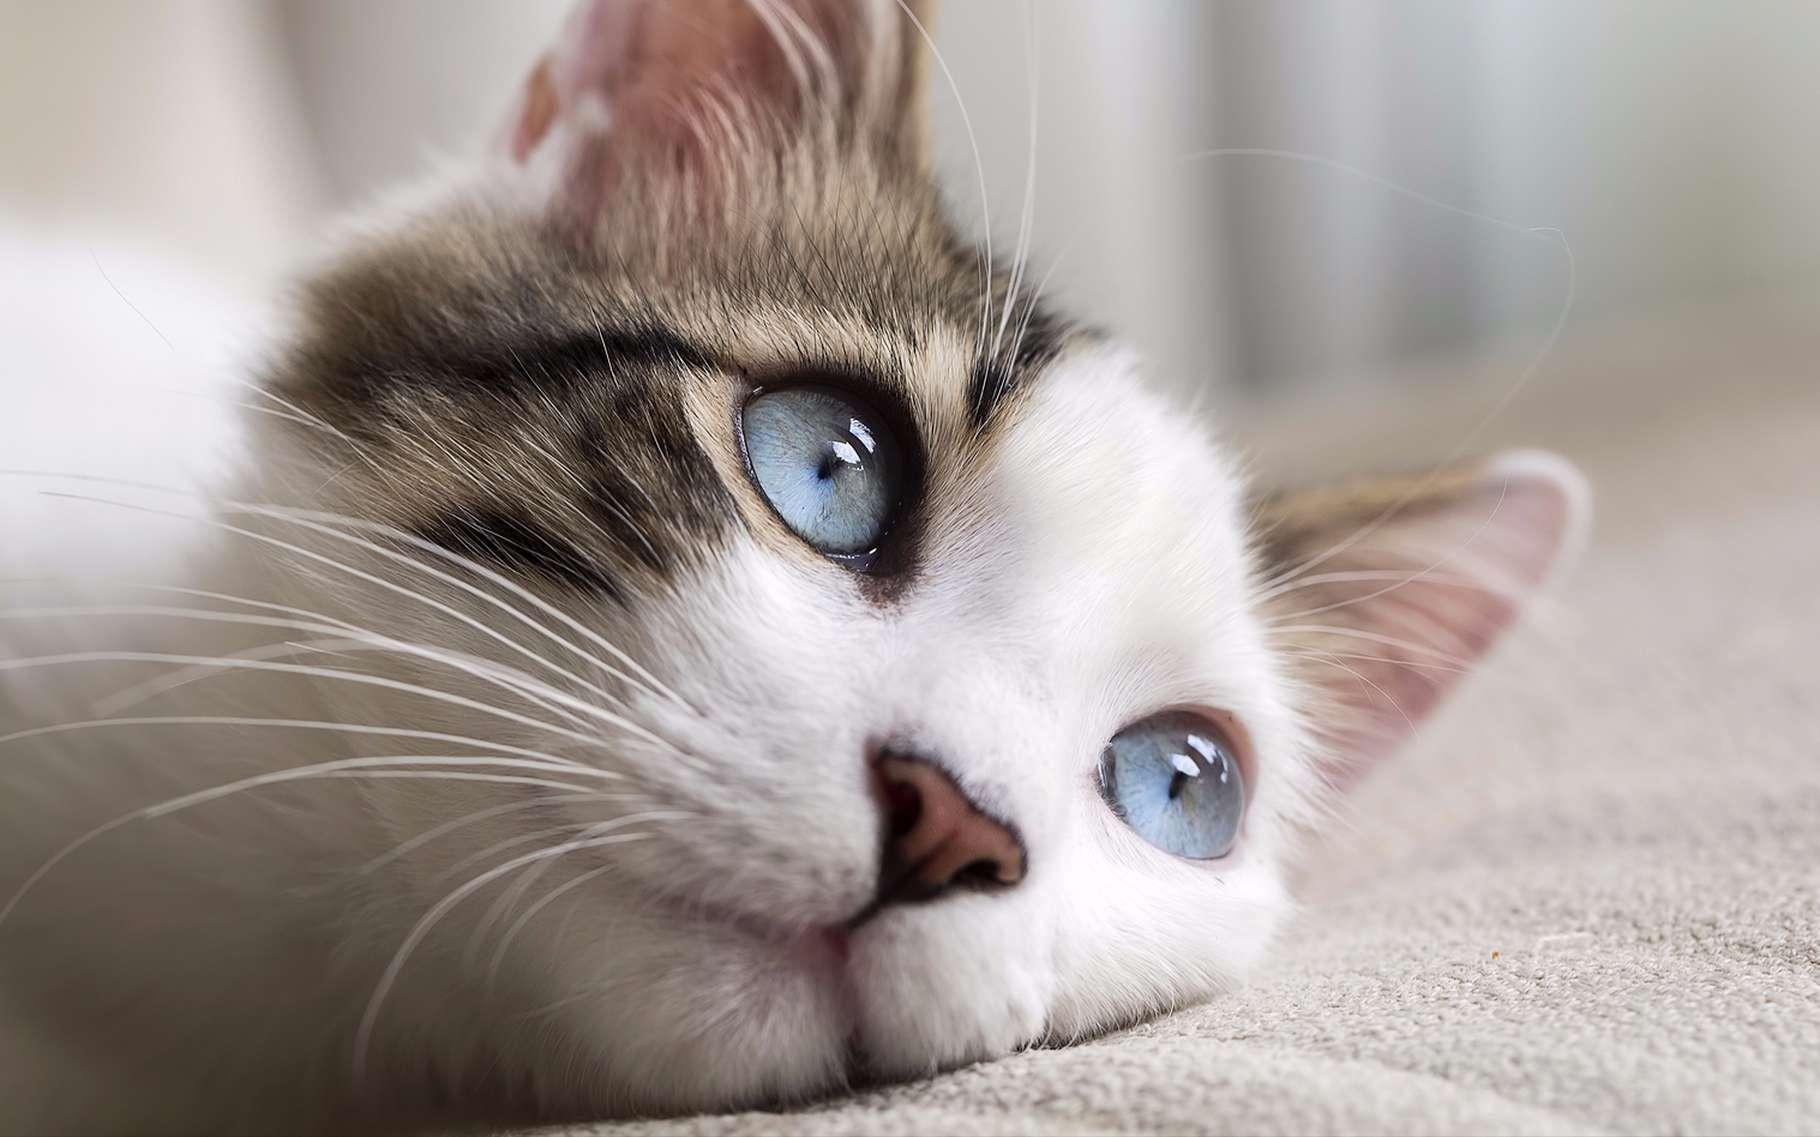 À chaque portée, un chat femelle peut mettre au monde jusqu'à huit chatons. La solution la plus efficace pour éviter ces portées est la stérilisation. © Esin Deniz, Shutterstock